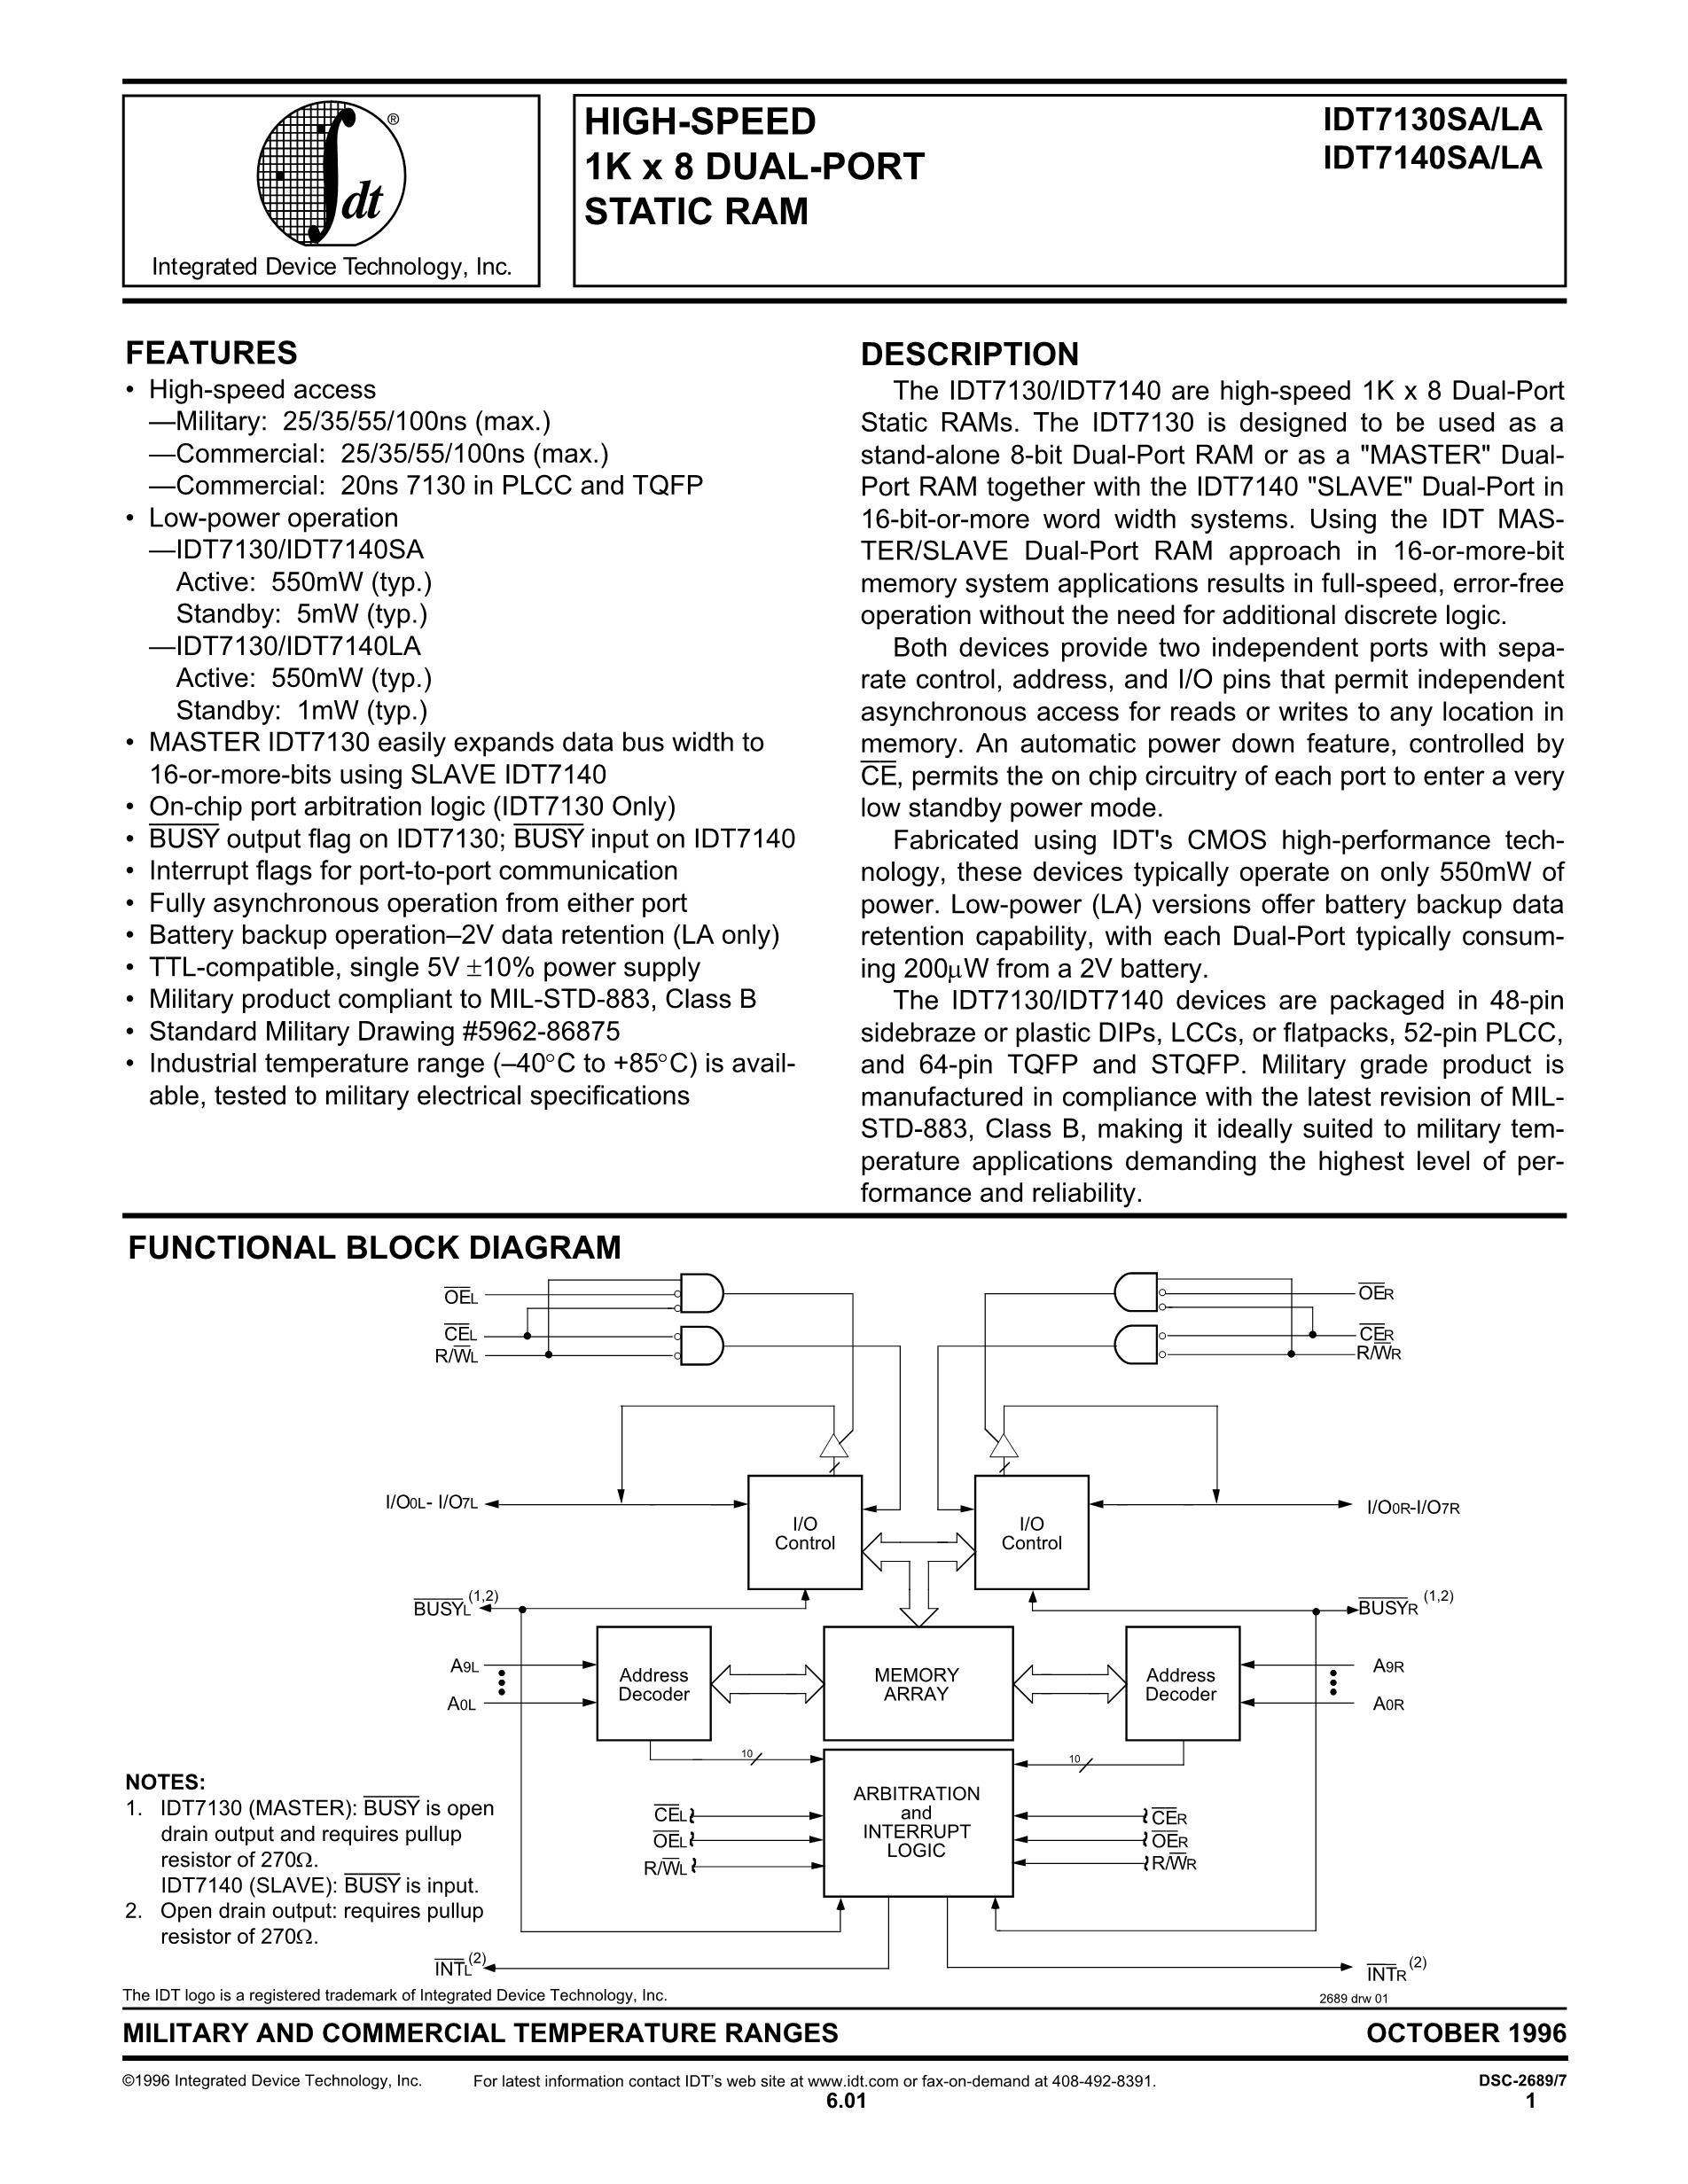 7130LA55TFI's pdf picture 1